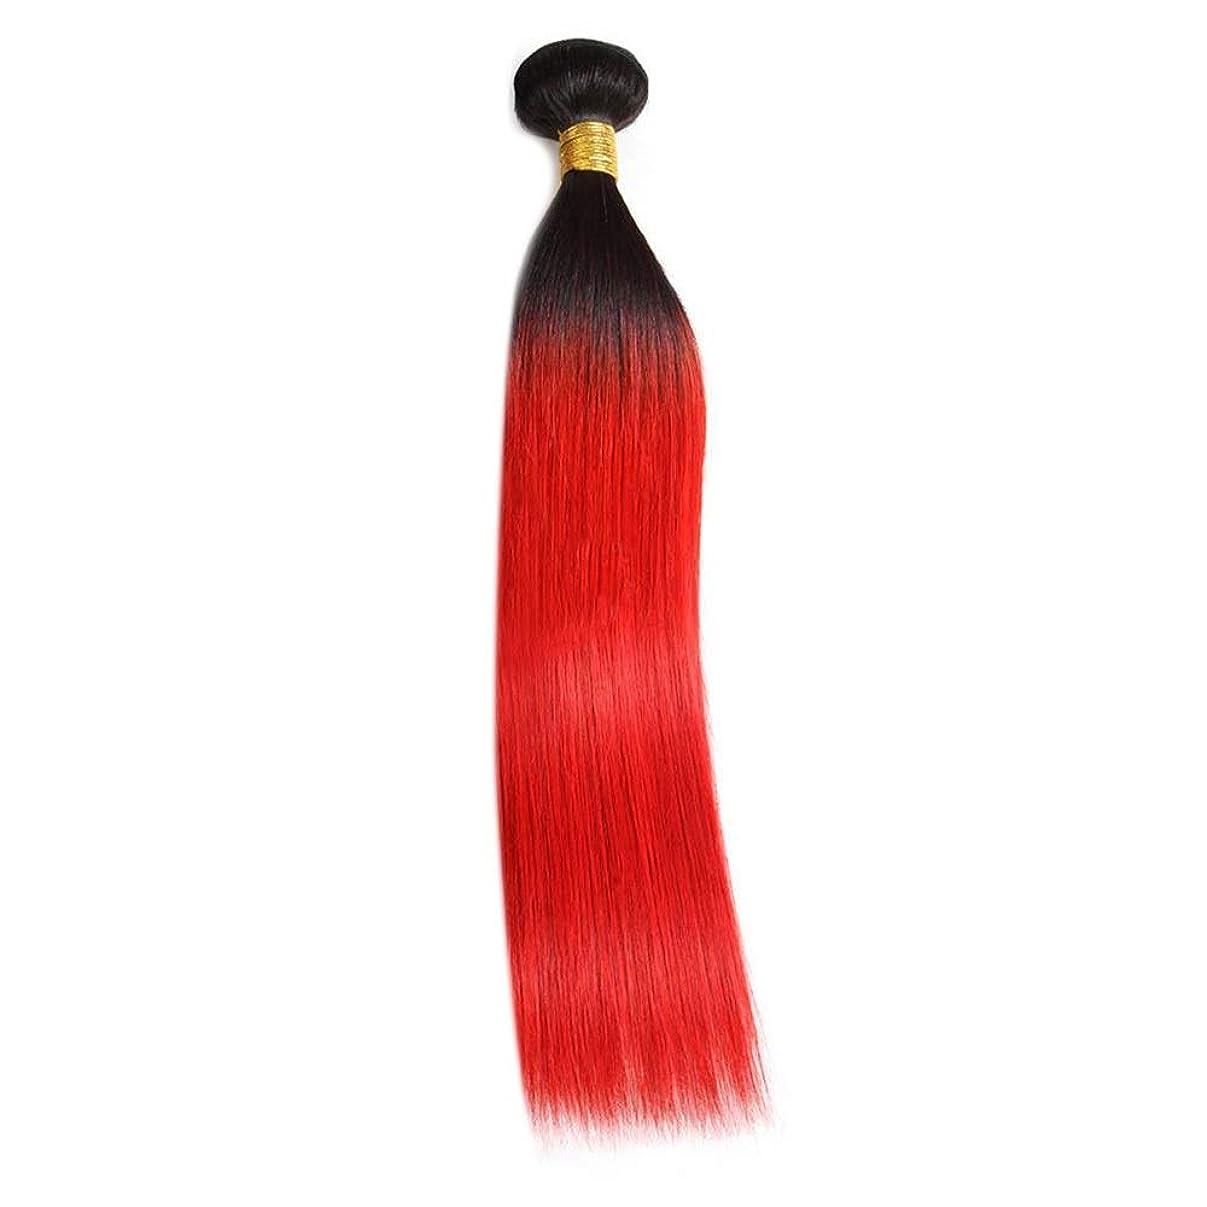 アライメントダンスロードされたHOHYLLYA ストレートの髪飾り100%本物の人間の髪の横糸赤毛エクステンションロールプレイングかつら女性のかつら (色 : Bundle, サイズ : 18 inch)